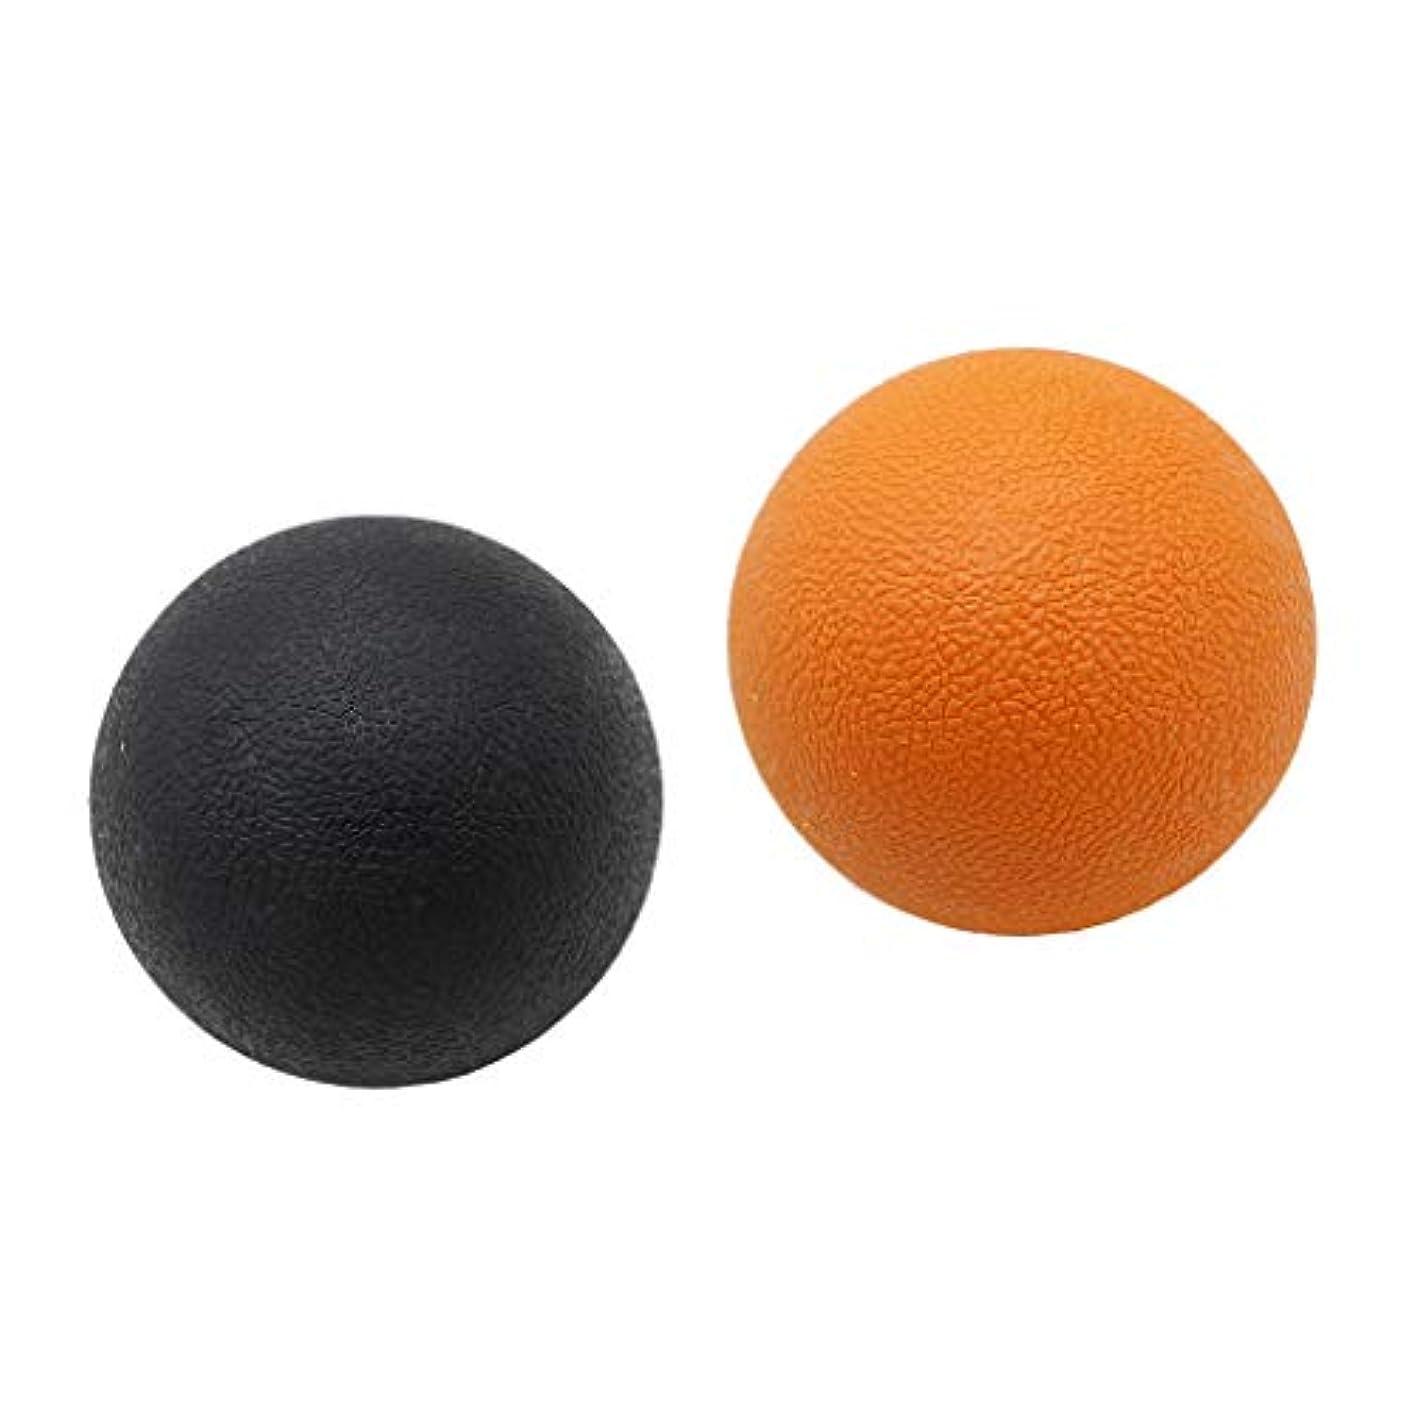 の量潜水艦スローマッサージボール トリガーポイント ストレッチボール トレーニング 背中 肩 腰 マッサージ 多色選べる - オレンジブラック